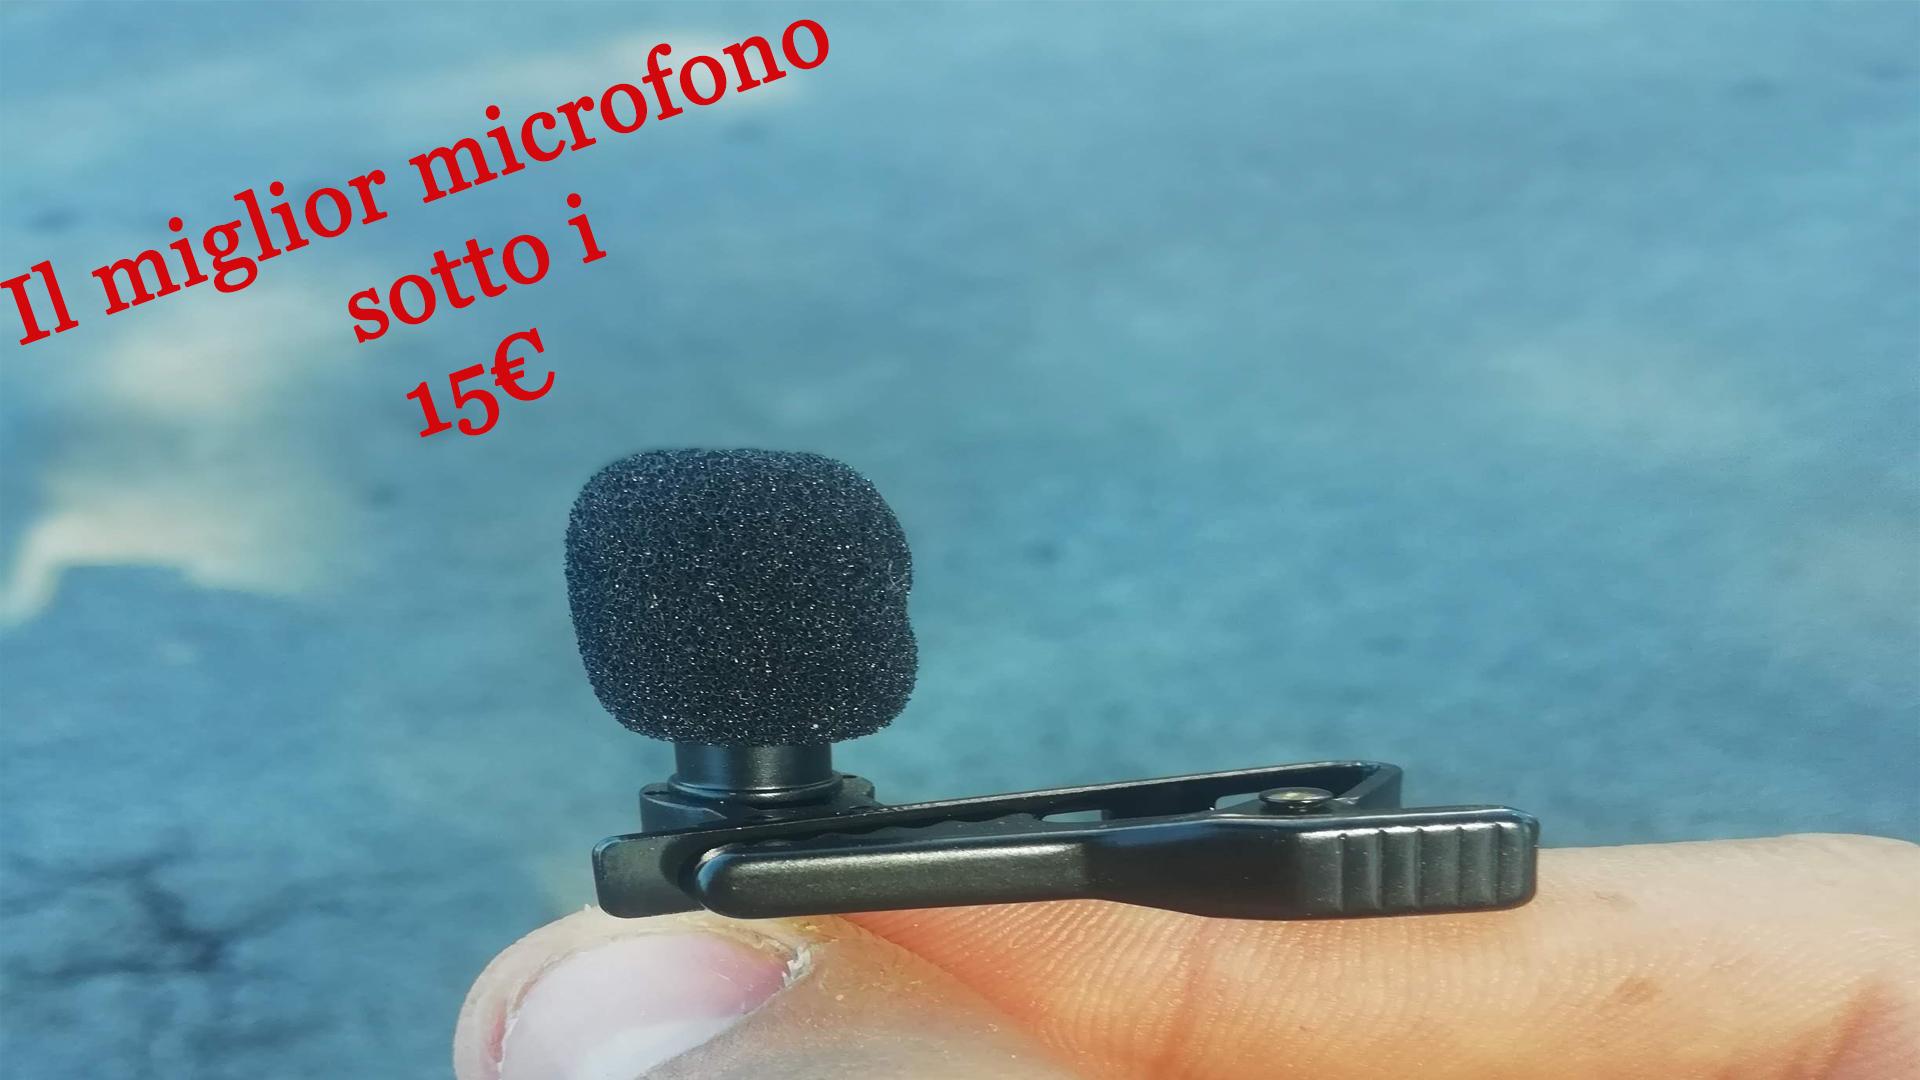 Il miglior microfono sotto i 15 euro